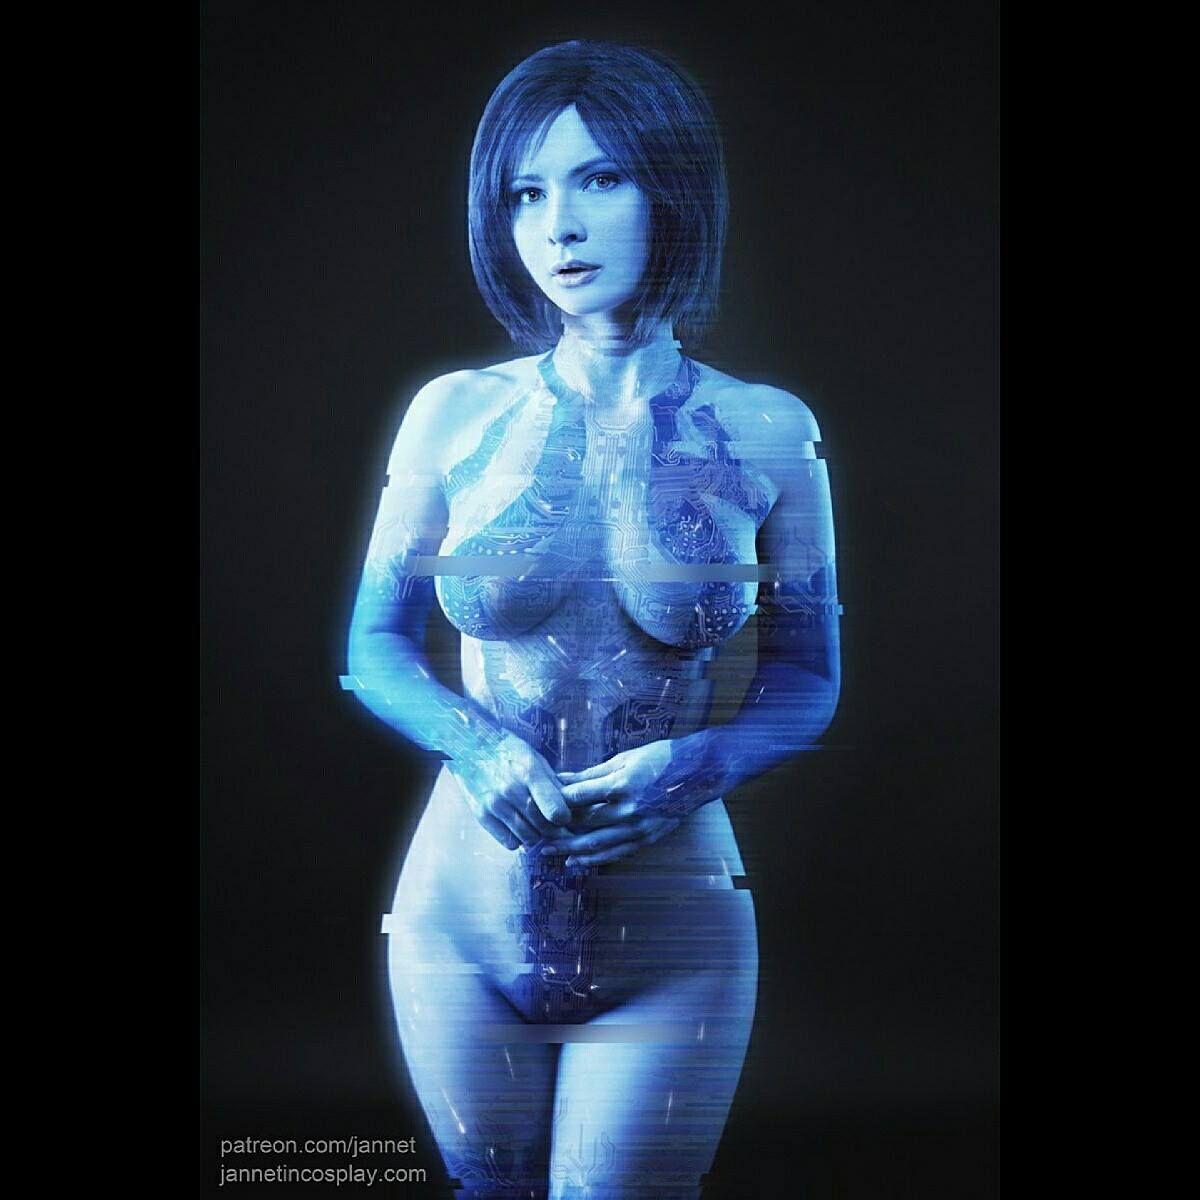 cortana naked real human